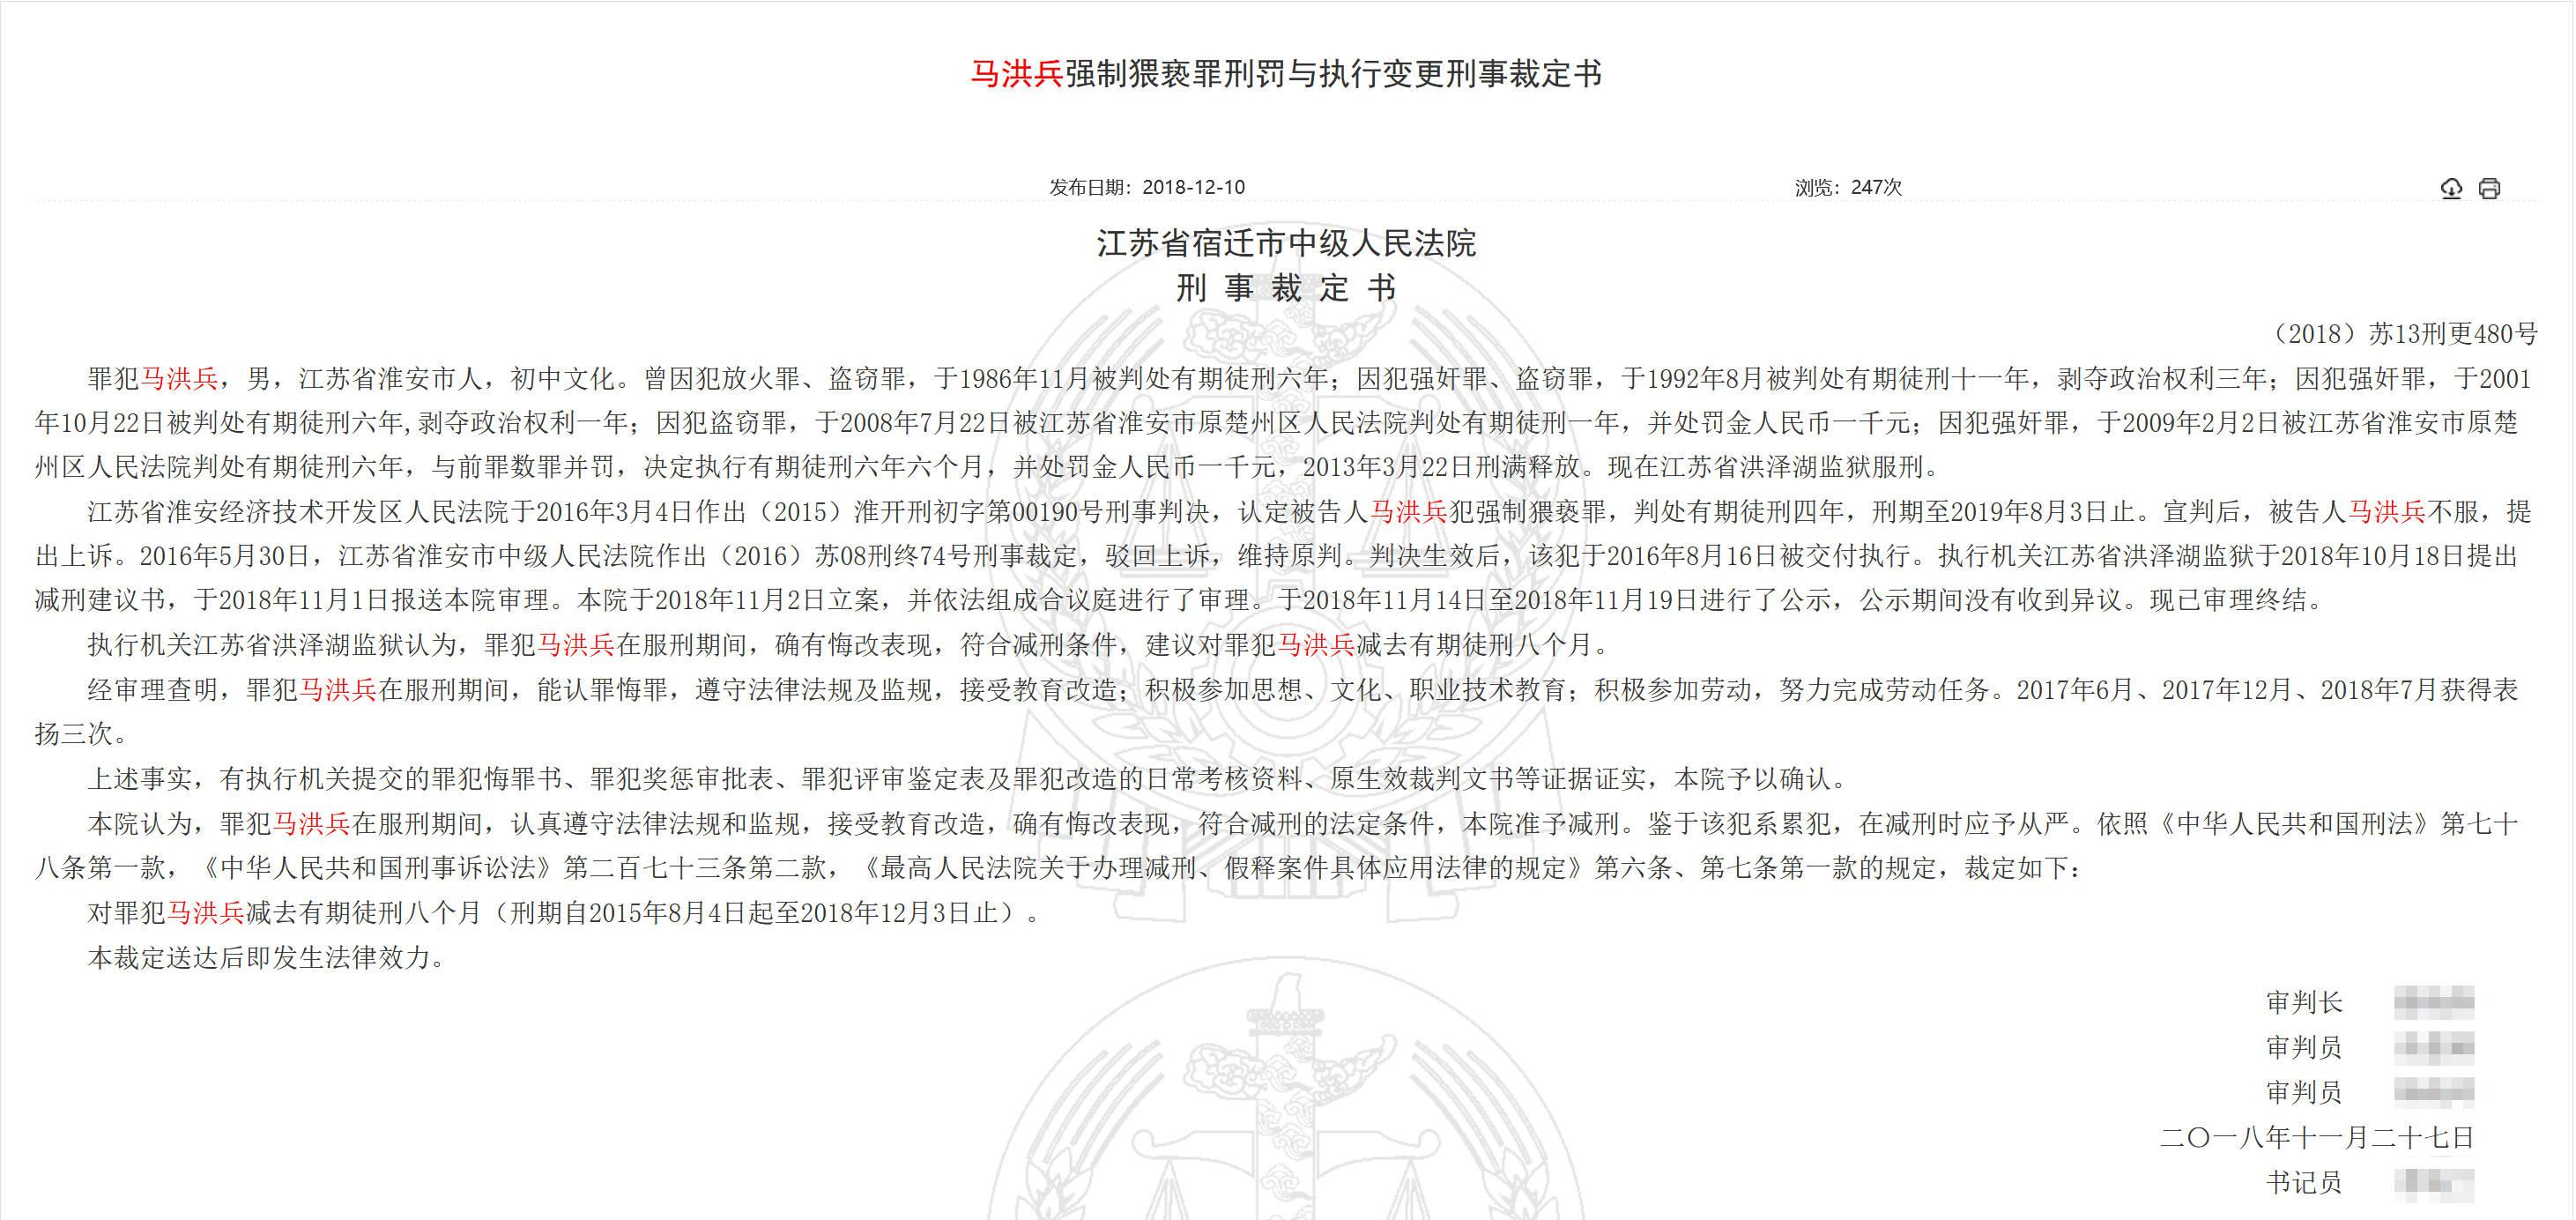 江苏淮安袭警嫌犯劣迹:六次获刑,涉强奸、猥亵、放火、盗窃